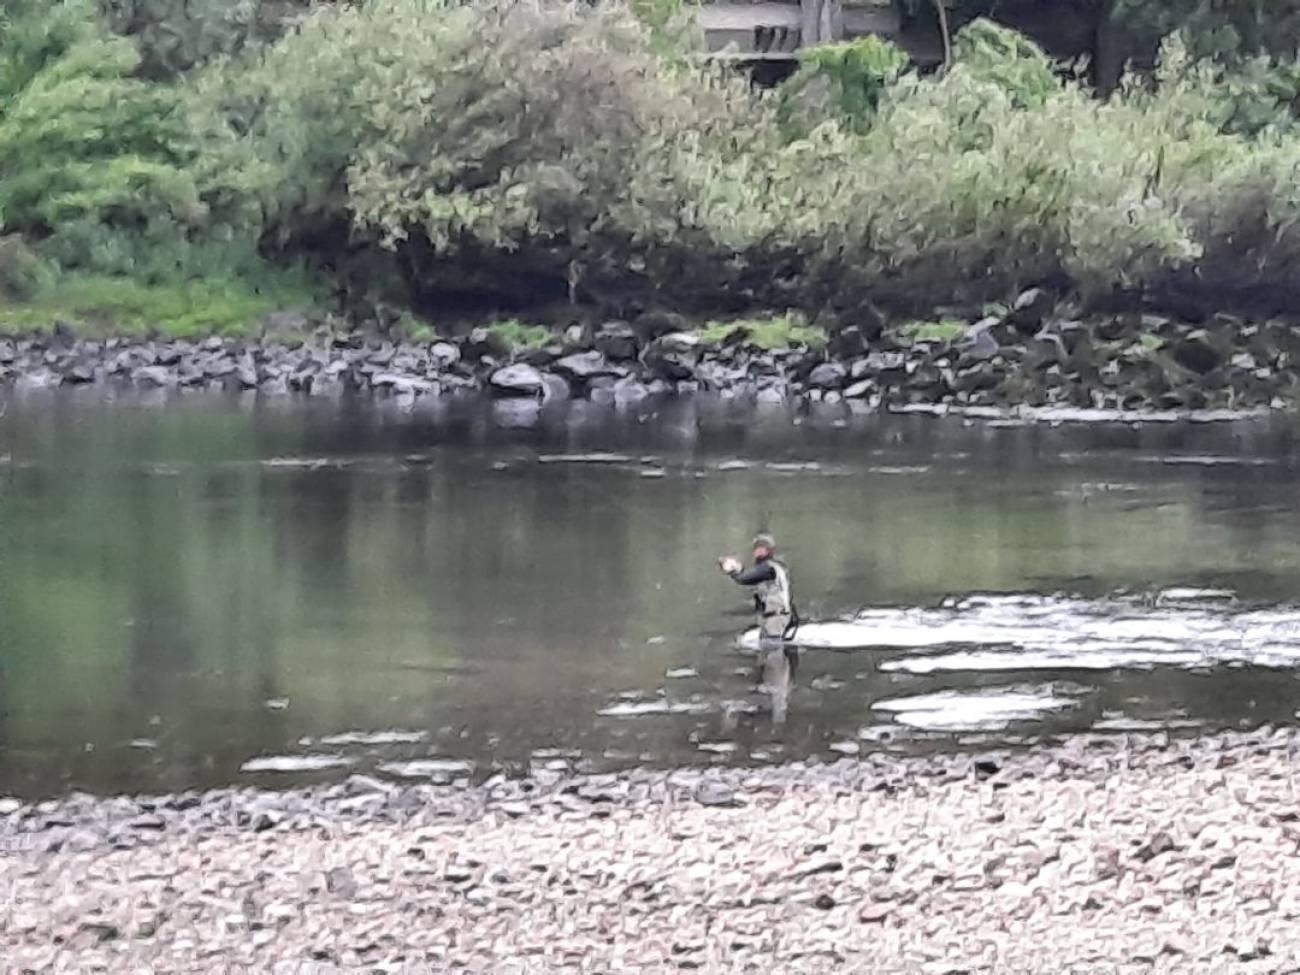 La Temporada De Pesca Fluvial Se Volverá Abrir Este Martes 19 De Mayo Radio Ourense Cadena Ser